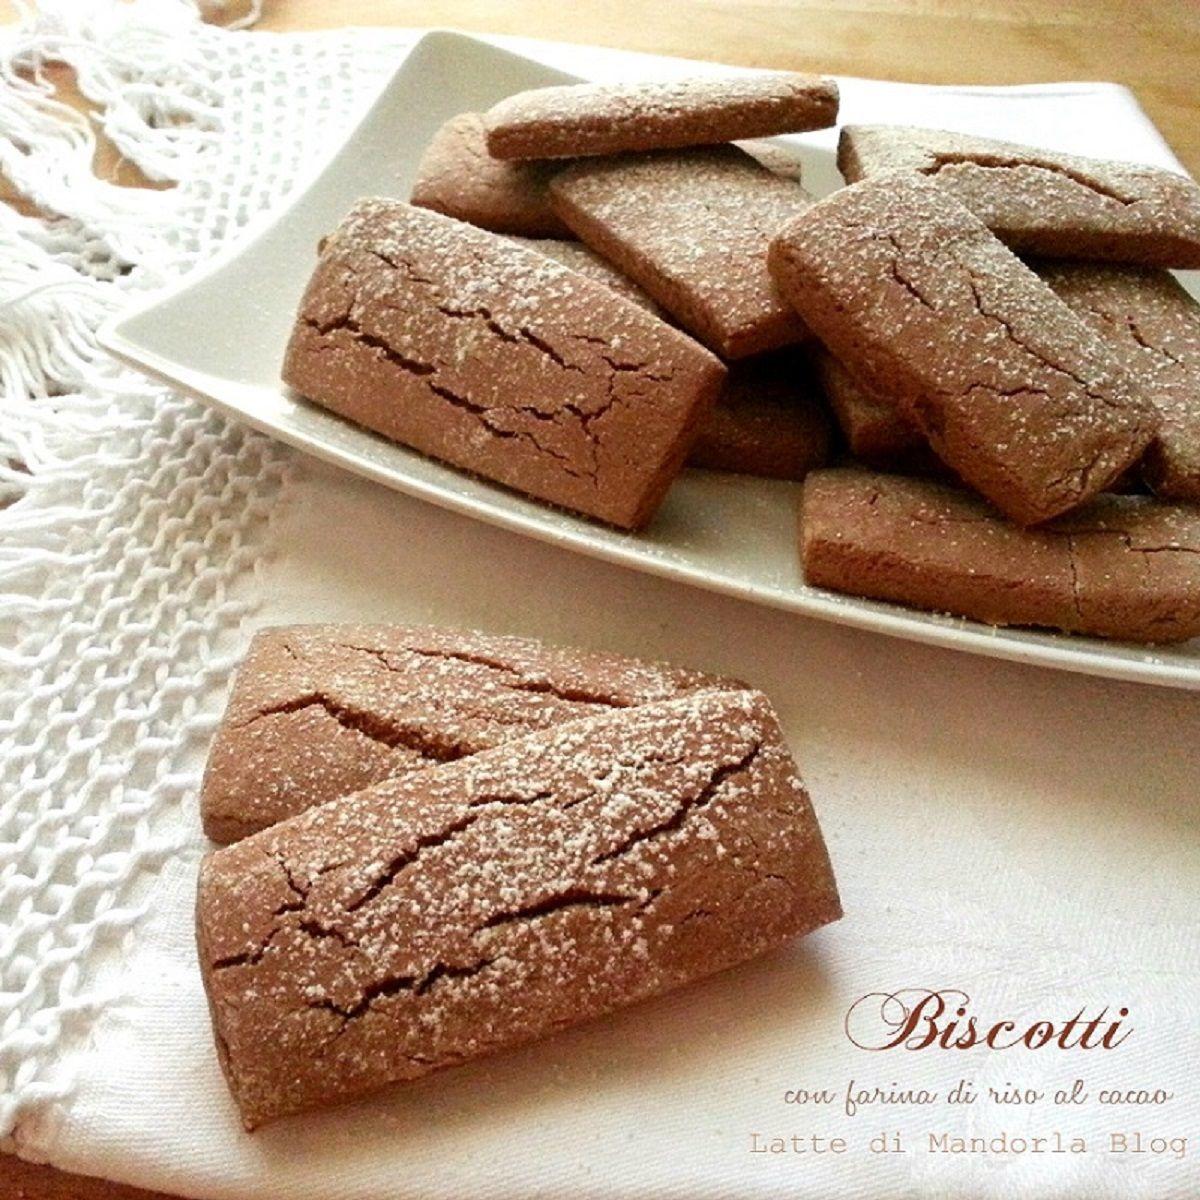 Biscotti Con Farina Di Riso Al Cacao Per La Colazione Ricetta Senza